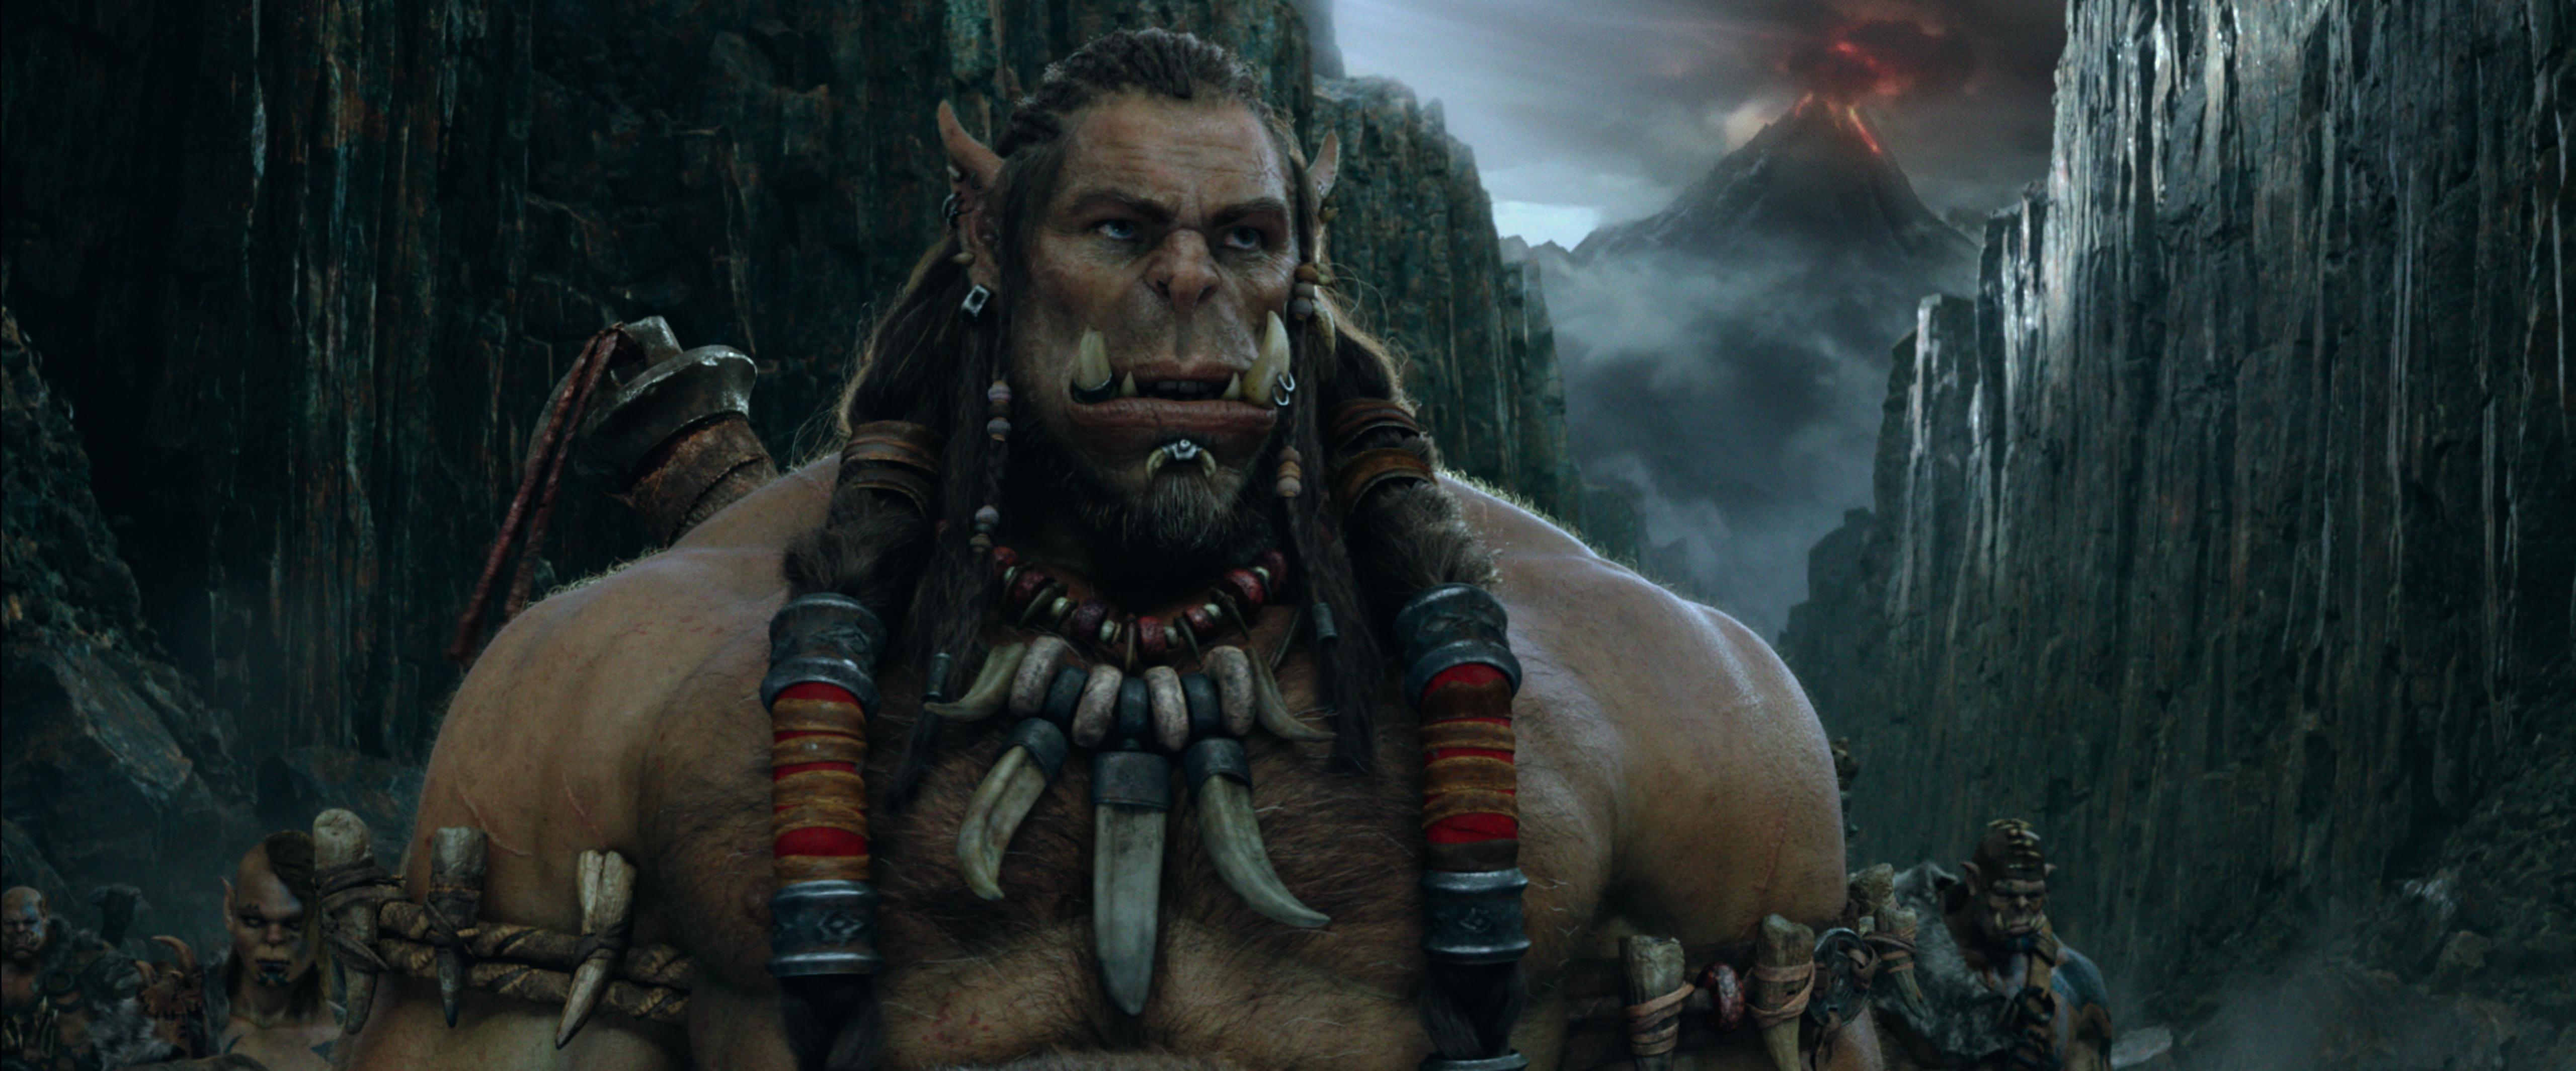 Diễn viên Warcraft được tạo ra bằng công nghệ số như thế nào?